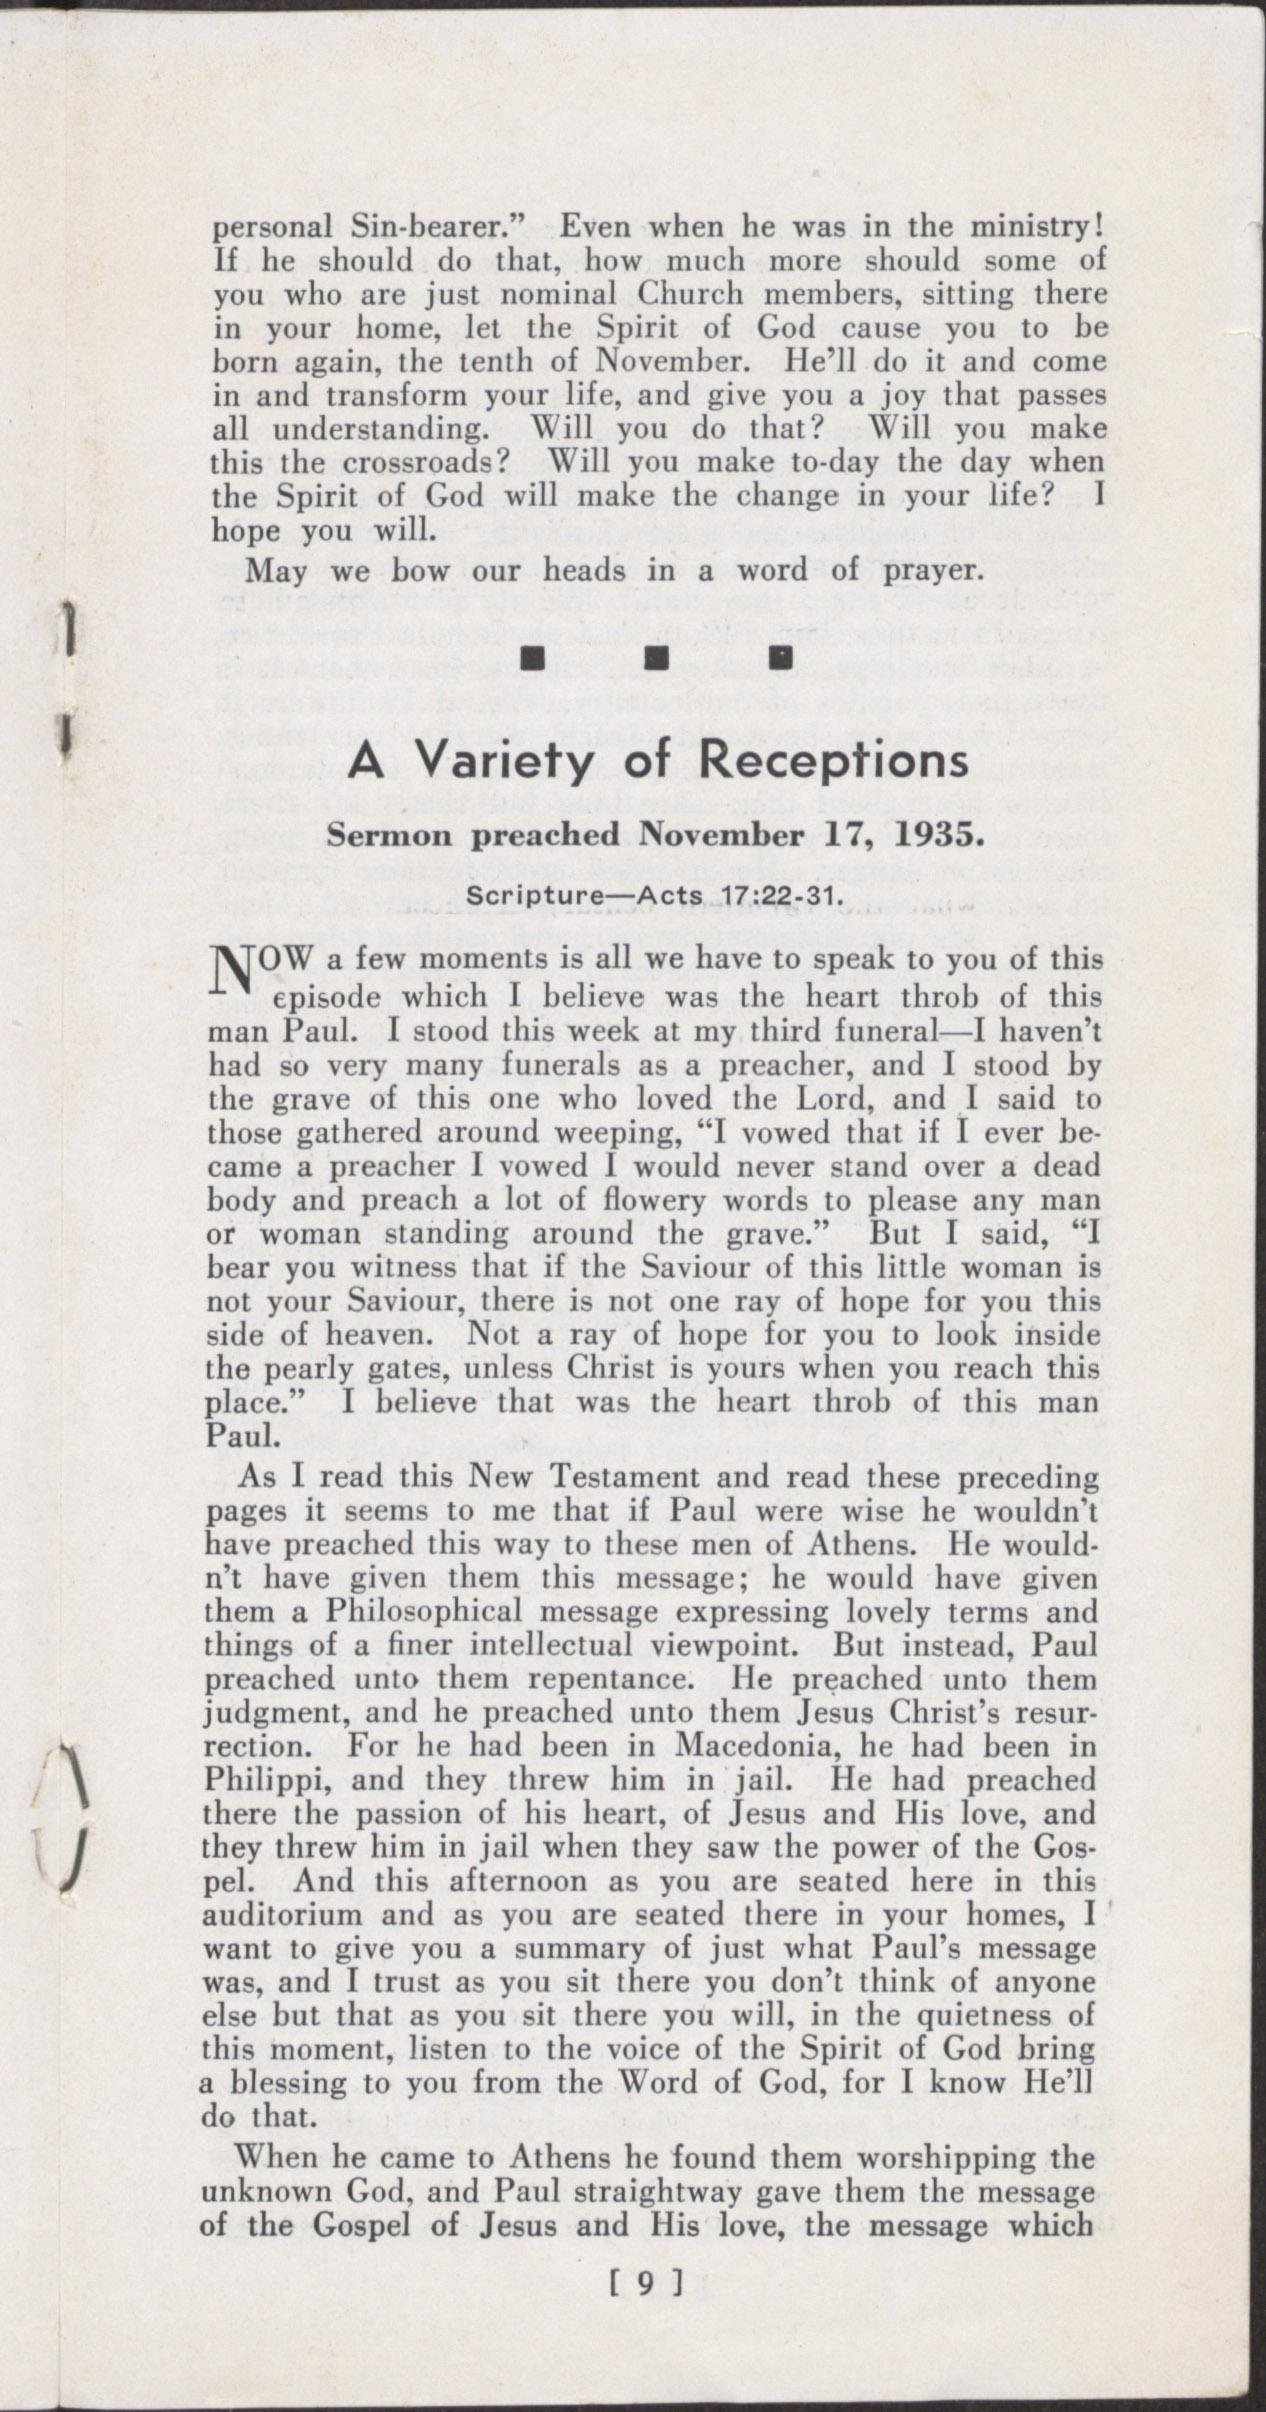 sermons193511-(9)